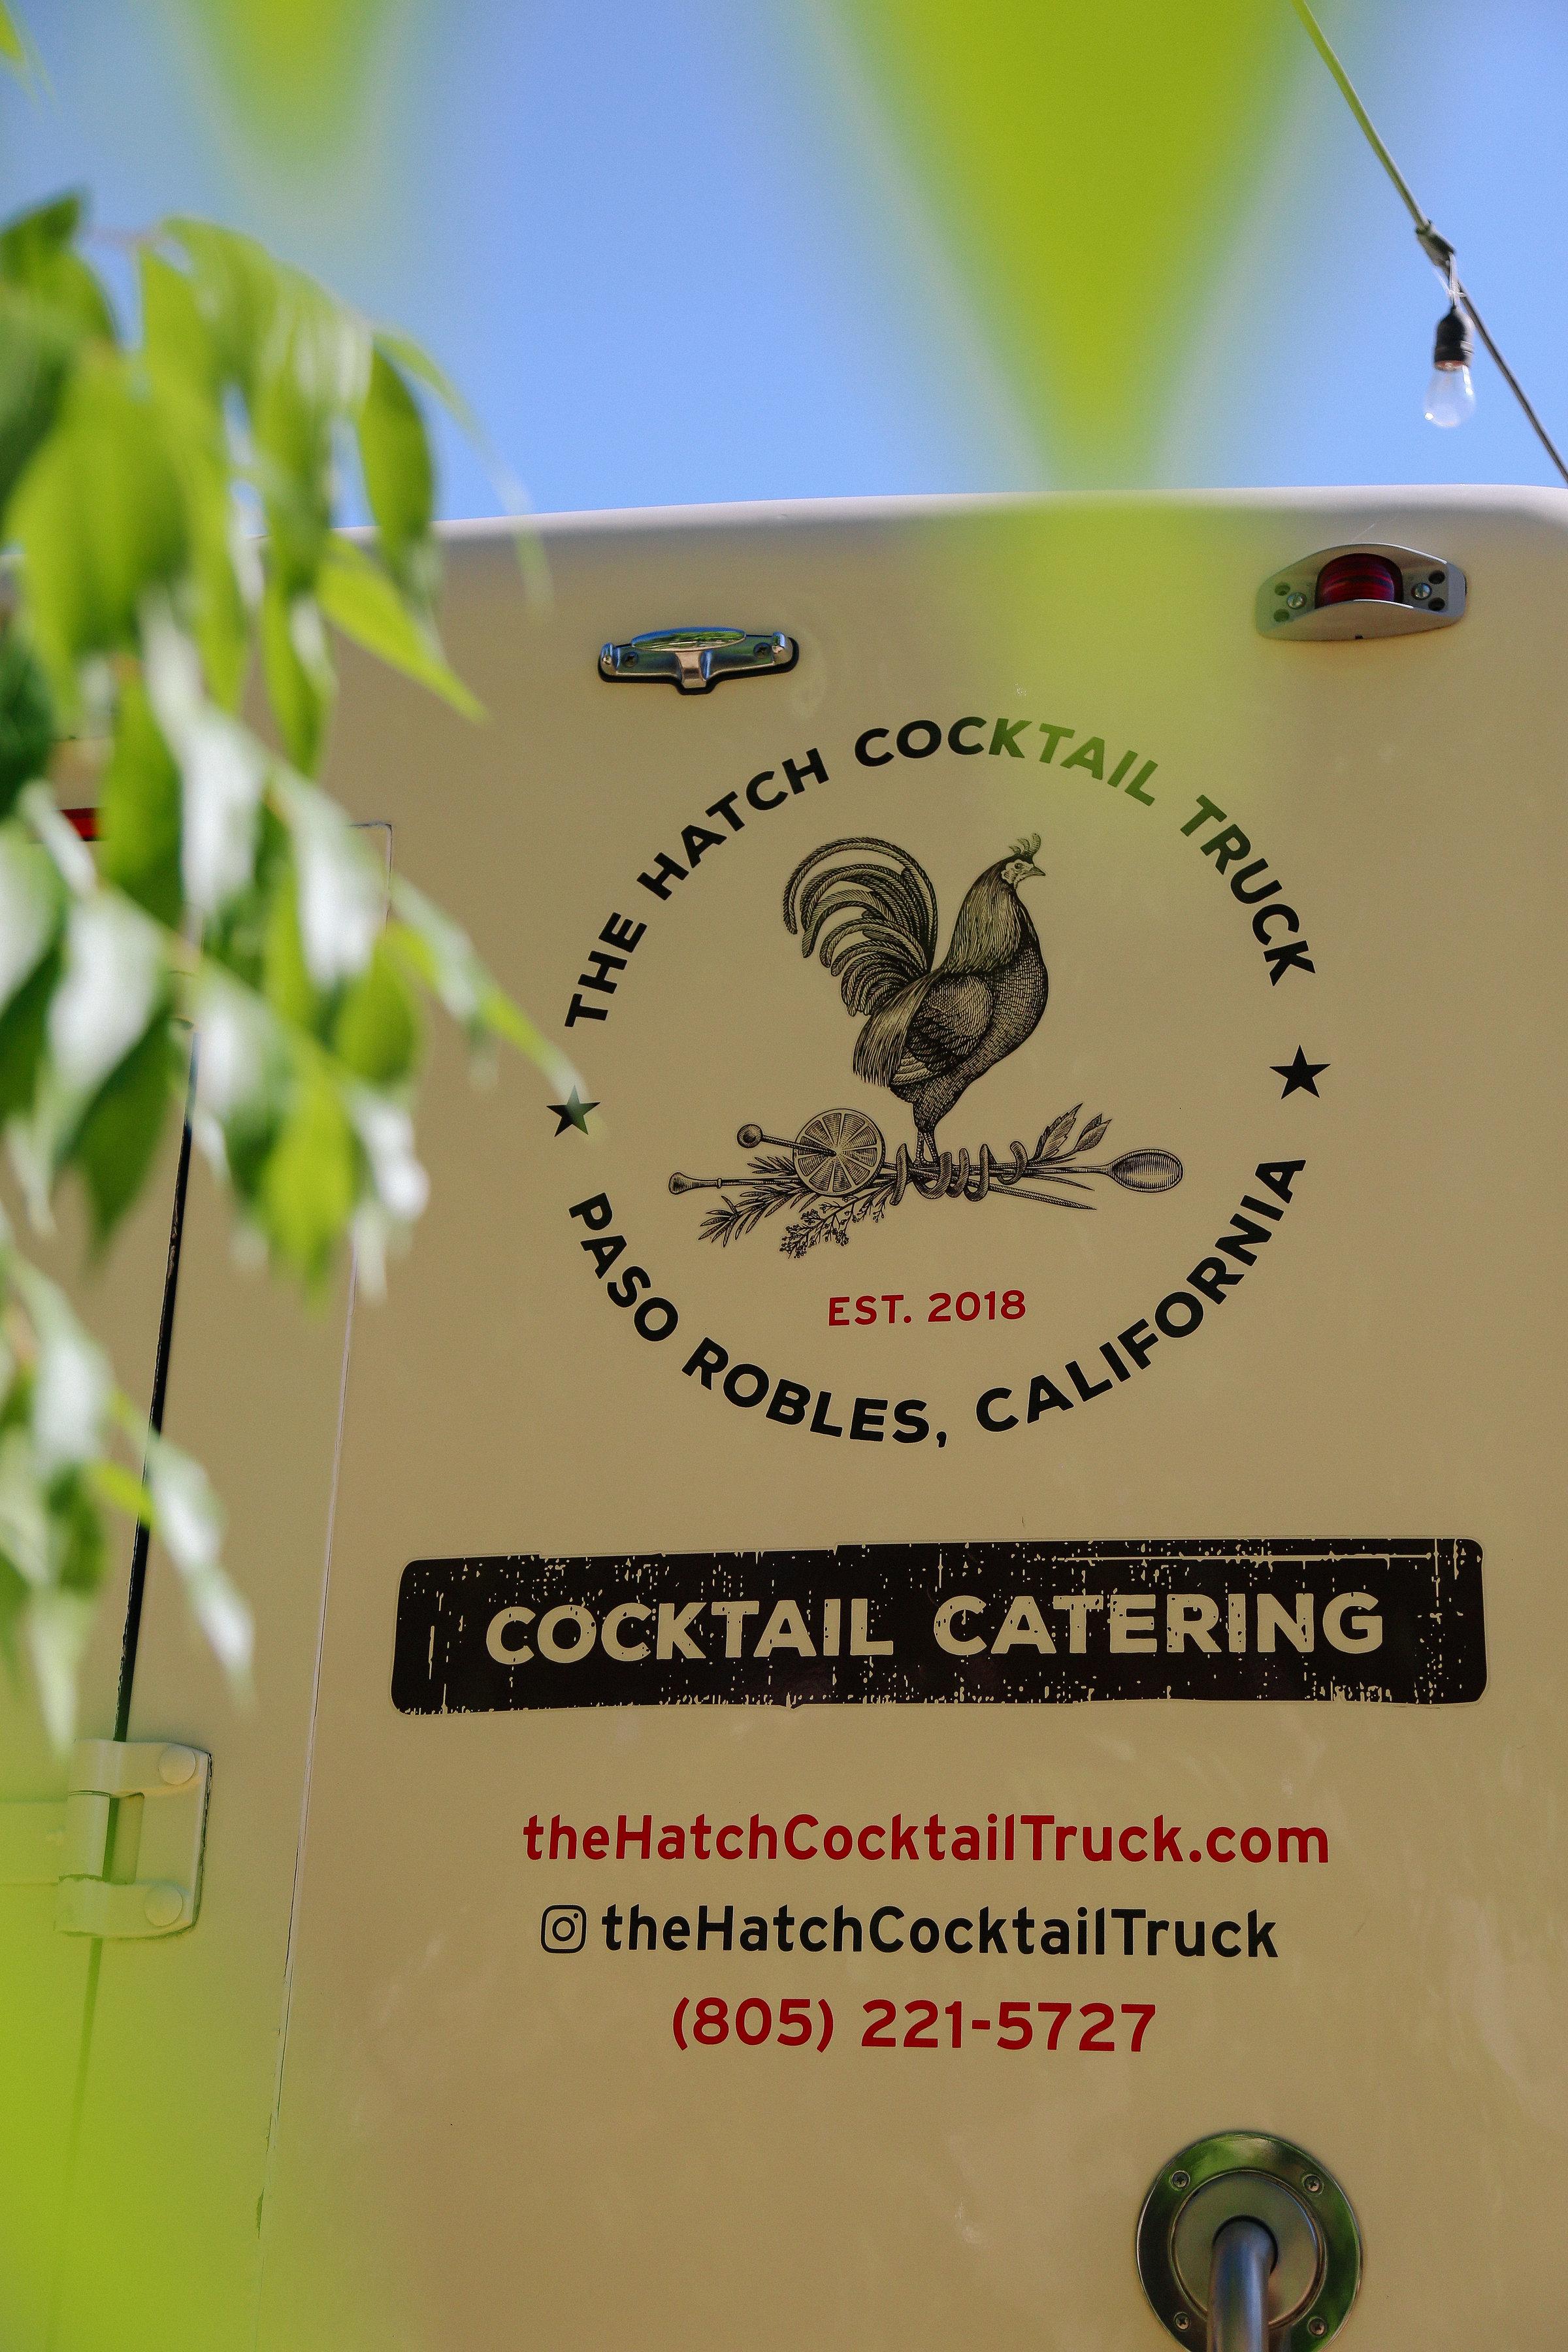 Hatch-cocktail-truck